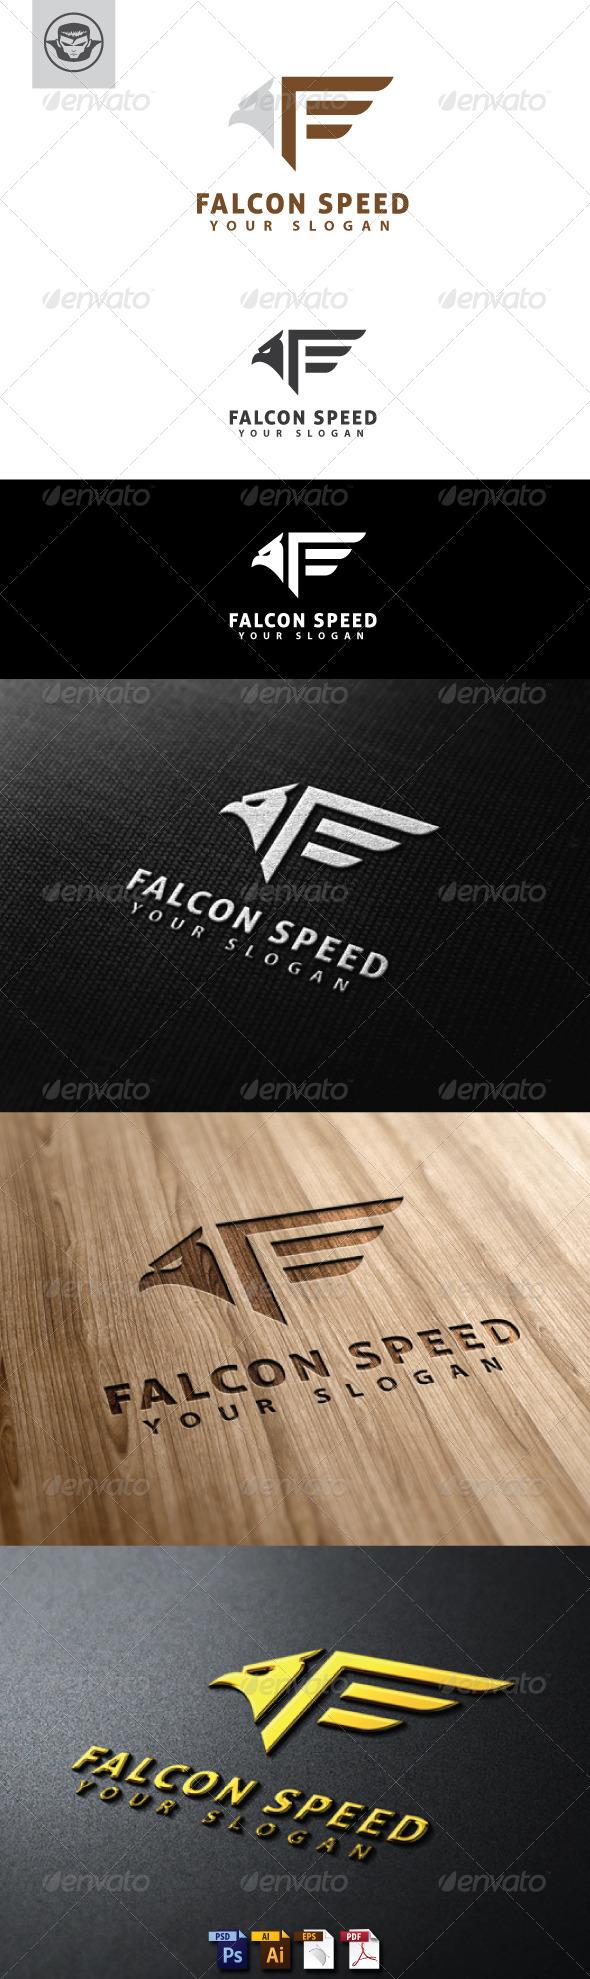 GraphicRiver Falcon Speed Logo Template 4748436